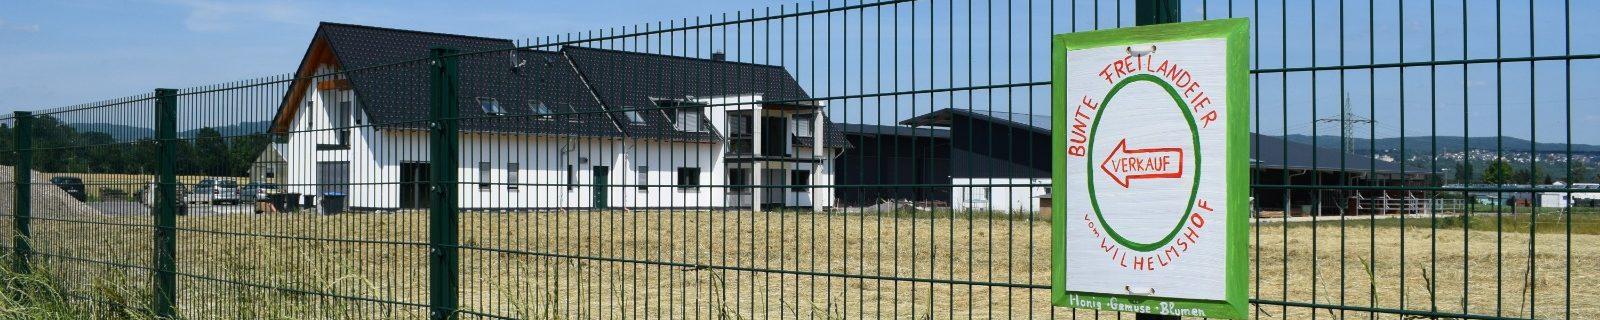 Haus mit Schild